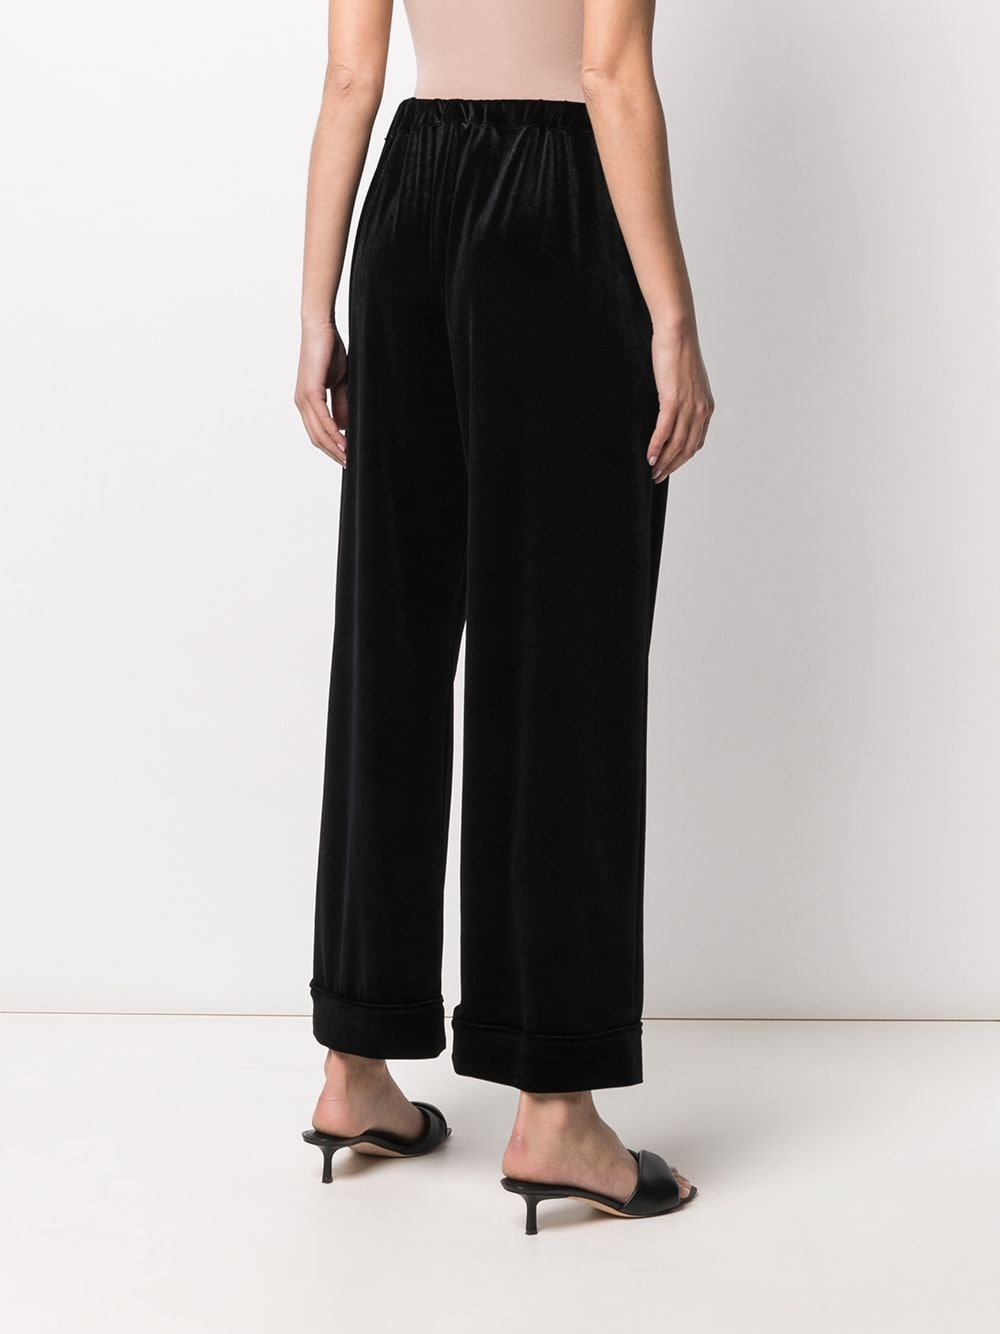 Pantaloni larghi in velluto nero con vita alta e gamba ampia ALTEA | Pantaloni | 206355890